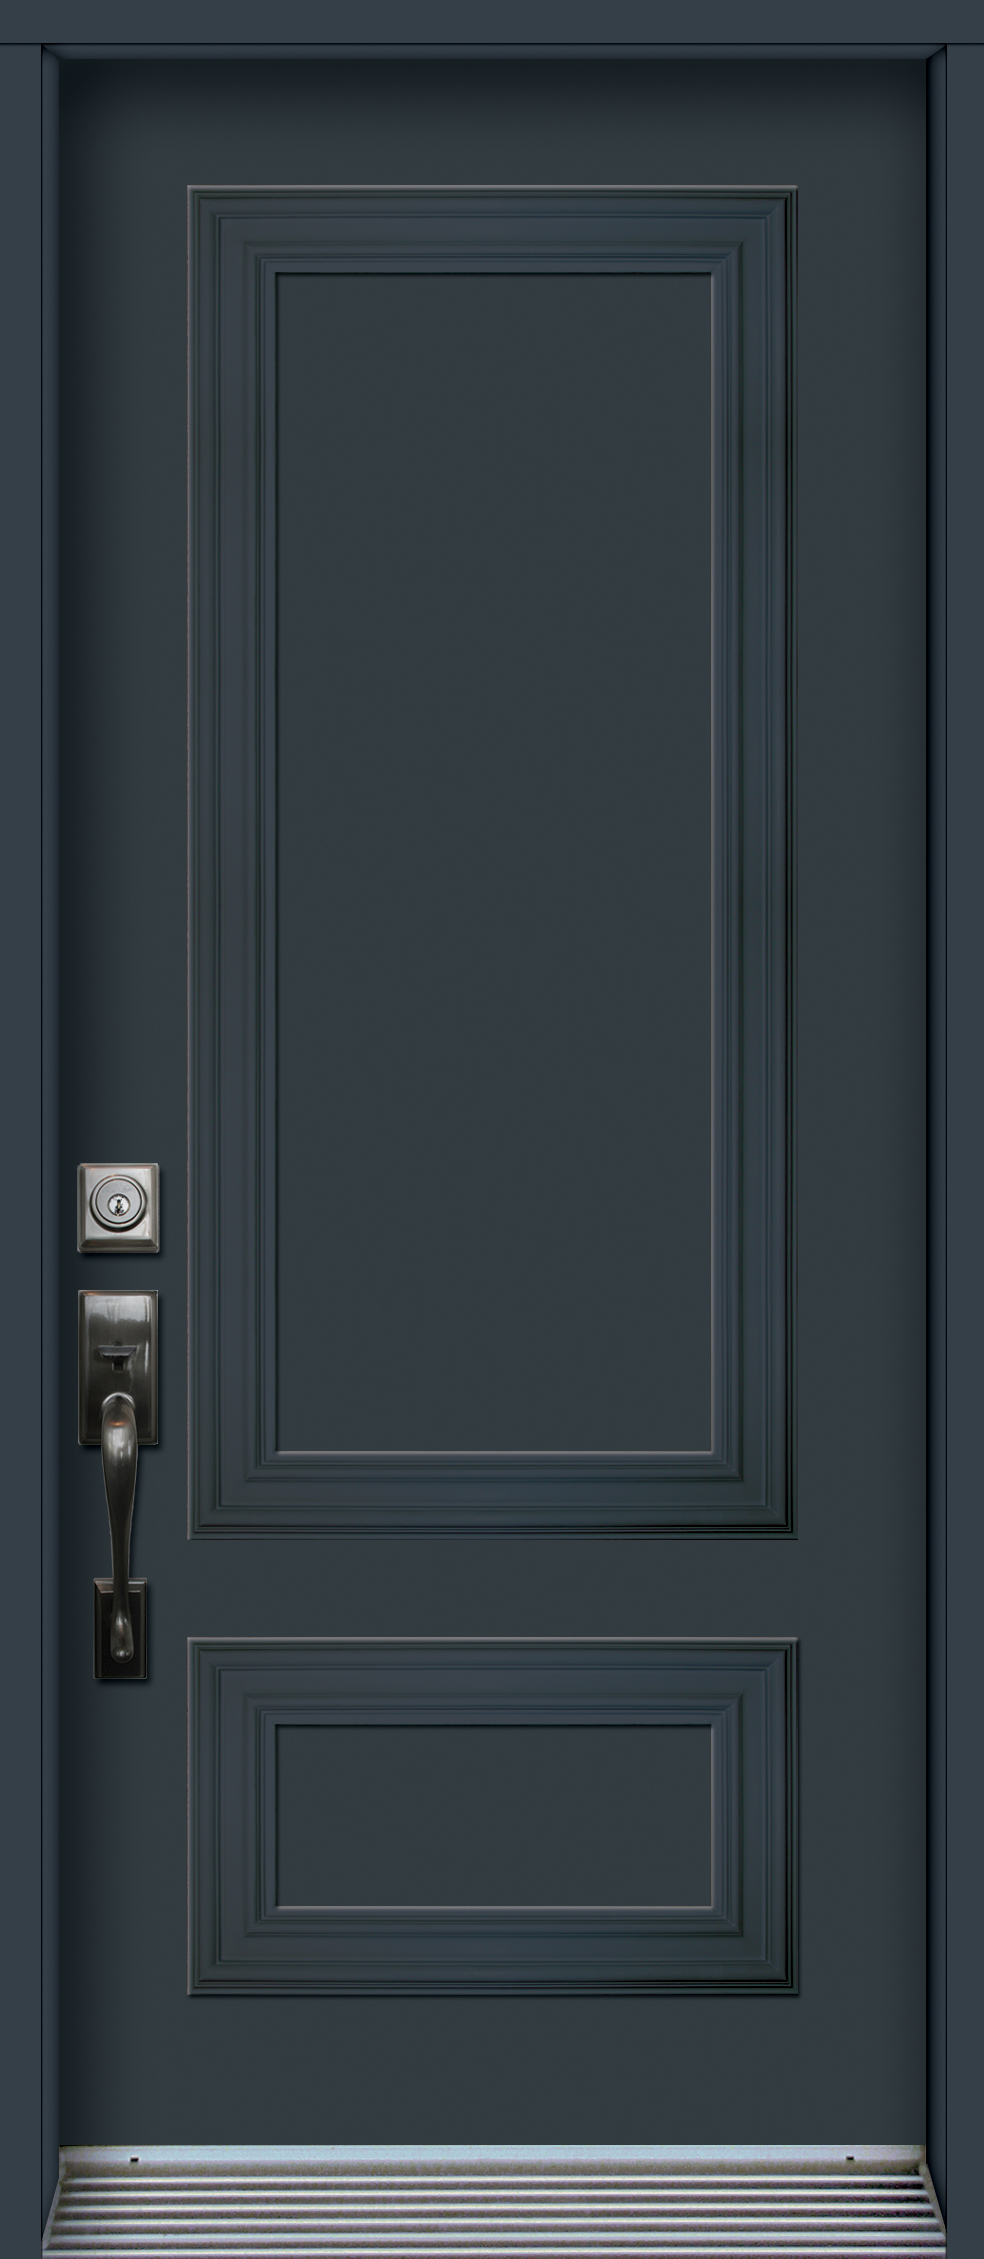 Mod le porte acier avec panneaux noblesse nb4913 for Modele porte